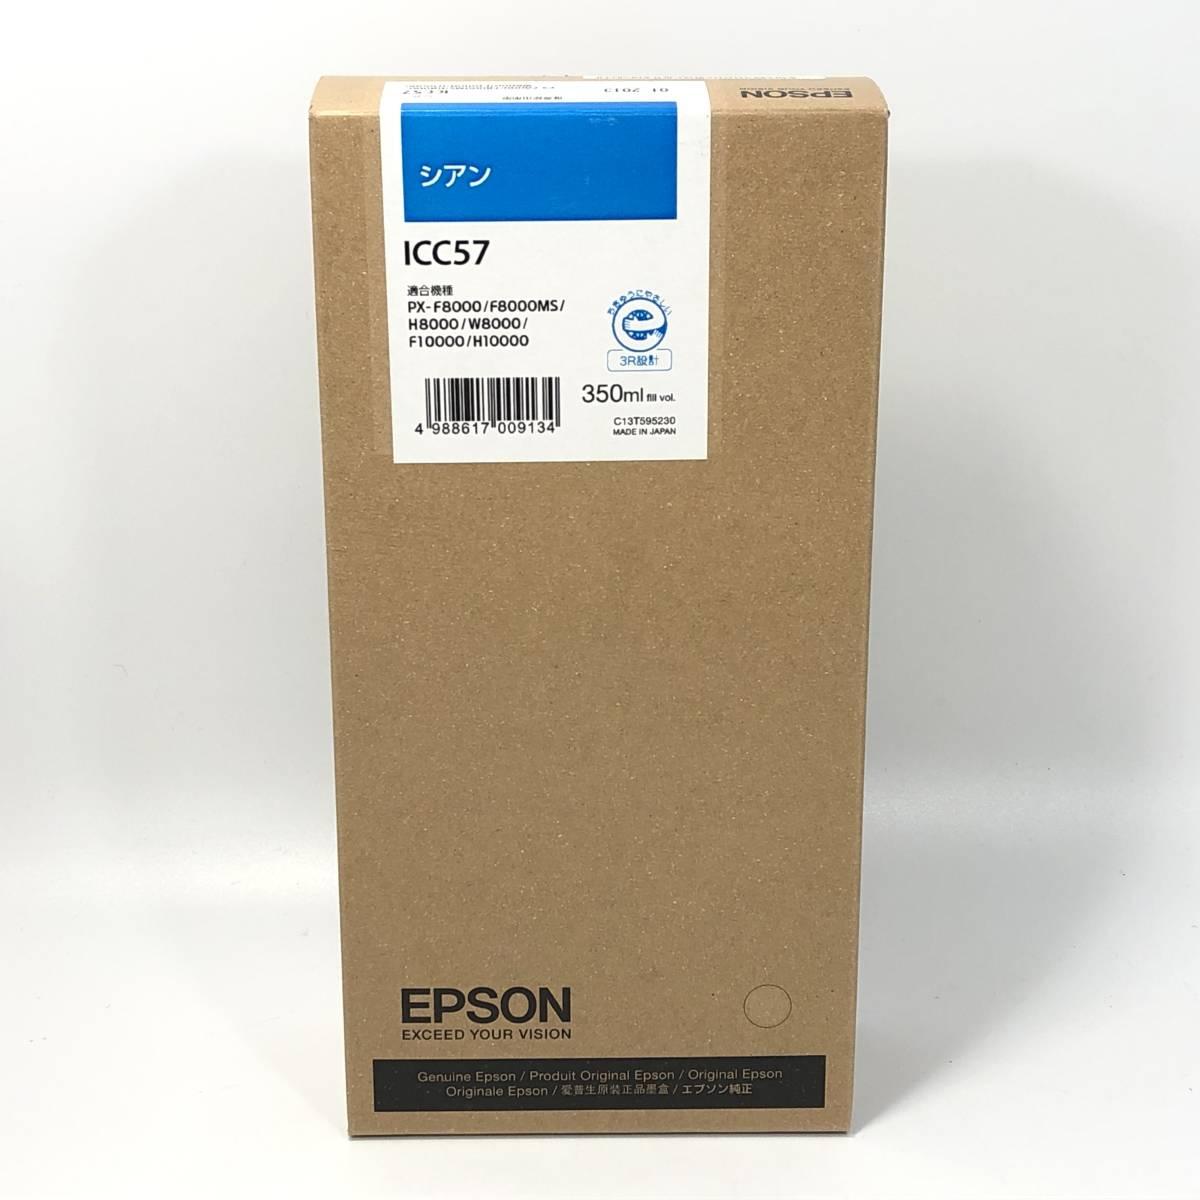 未使用♪ EPSON エプソン 純正 インクカートリッジ ICC57 シアン 350ml 推奨使用期限切れ 送料無料♪_画像1